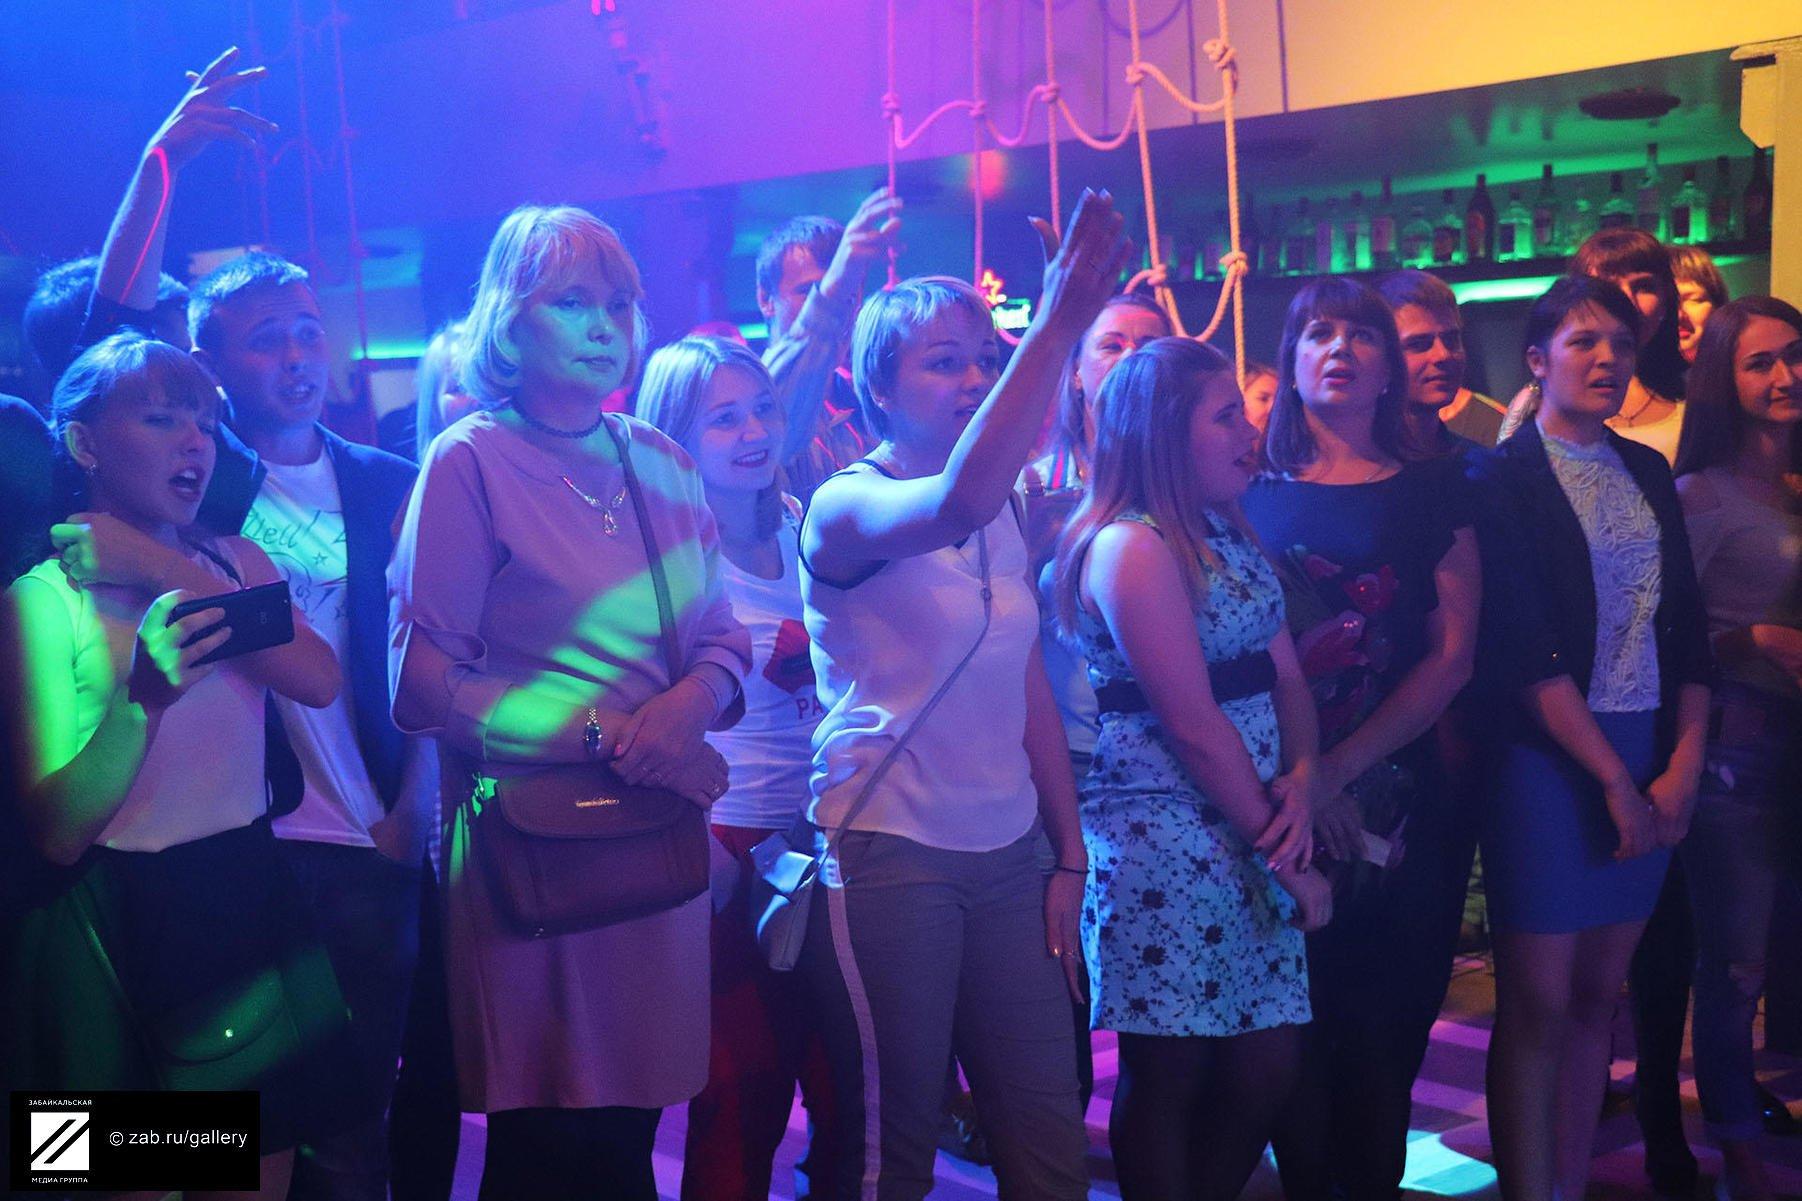 приватная вечеринка в калипсо видео - 4